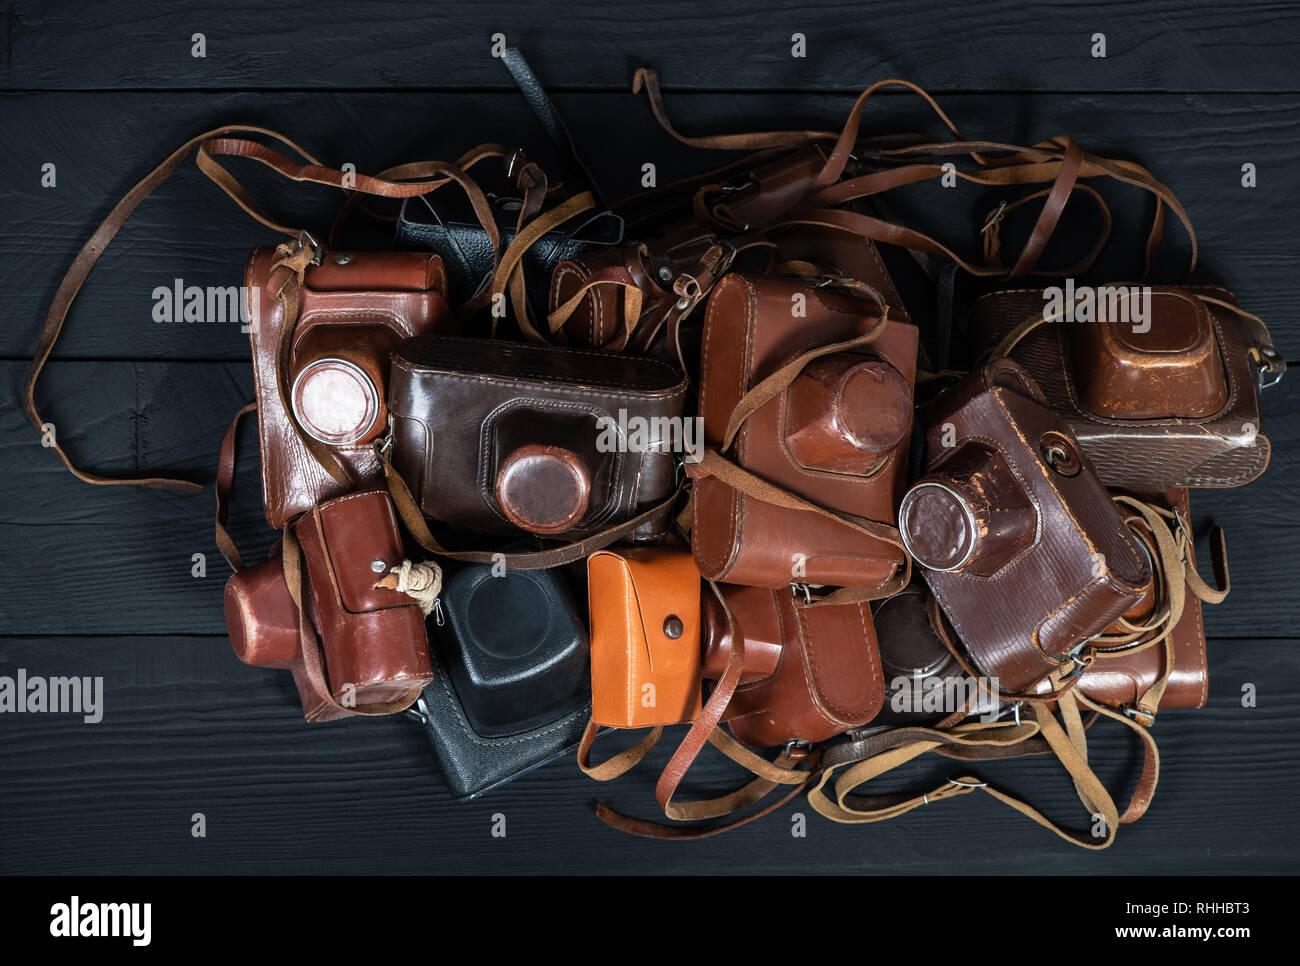 Tas de 35mm en cuir rétro caméras dans le noir, vue de dessus. Collection de vieilles choses et d'antiquités, ventes aux enchères Banque D'Images